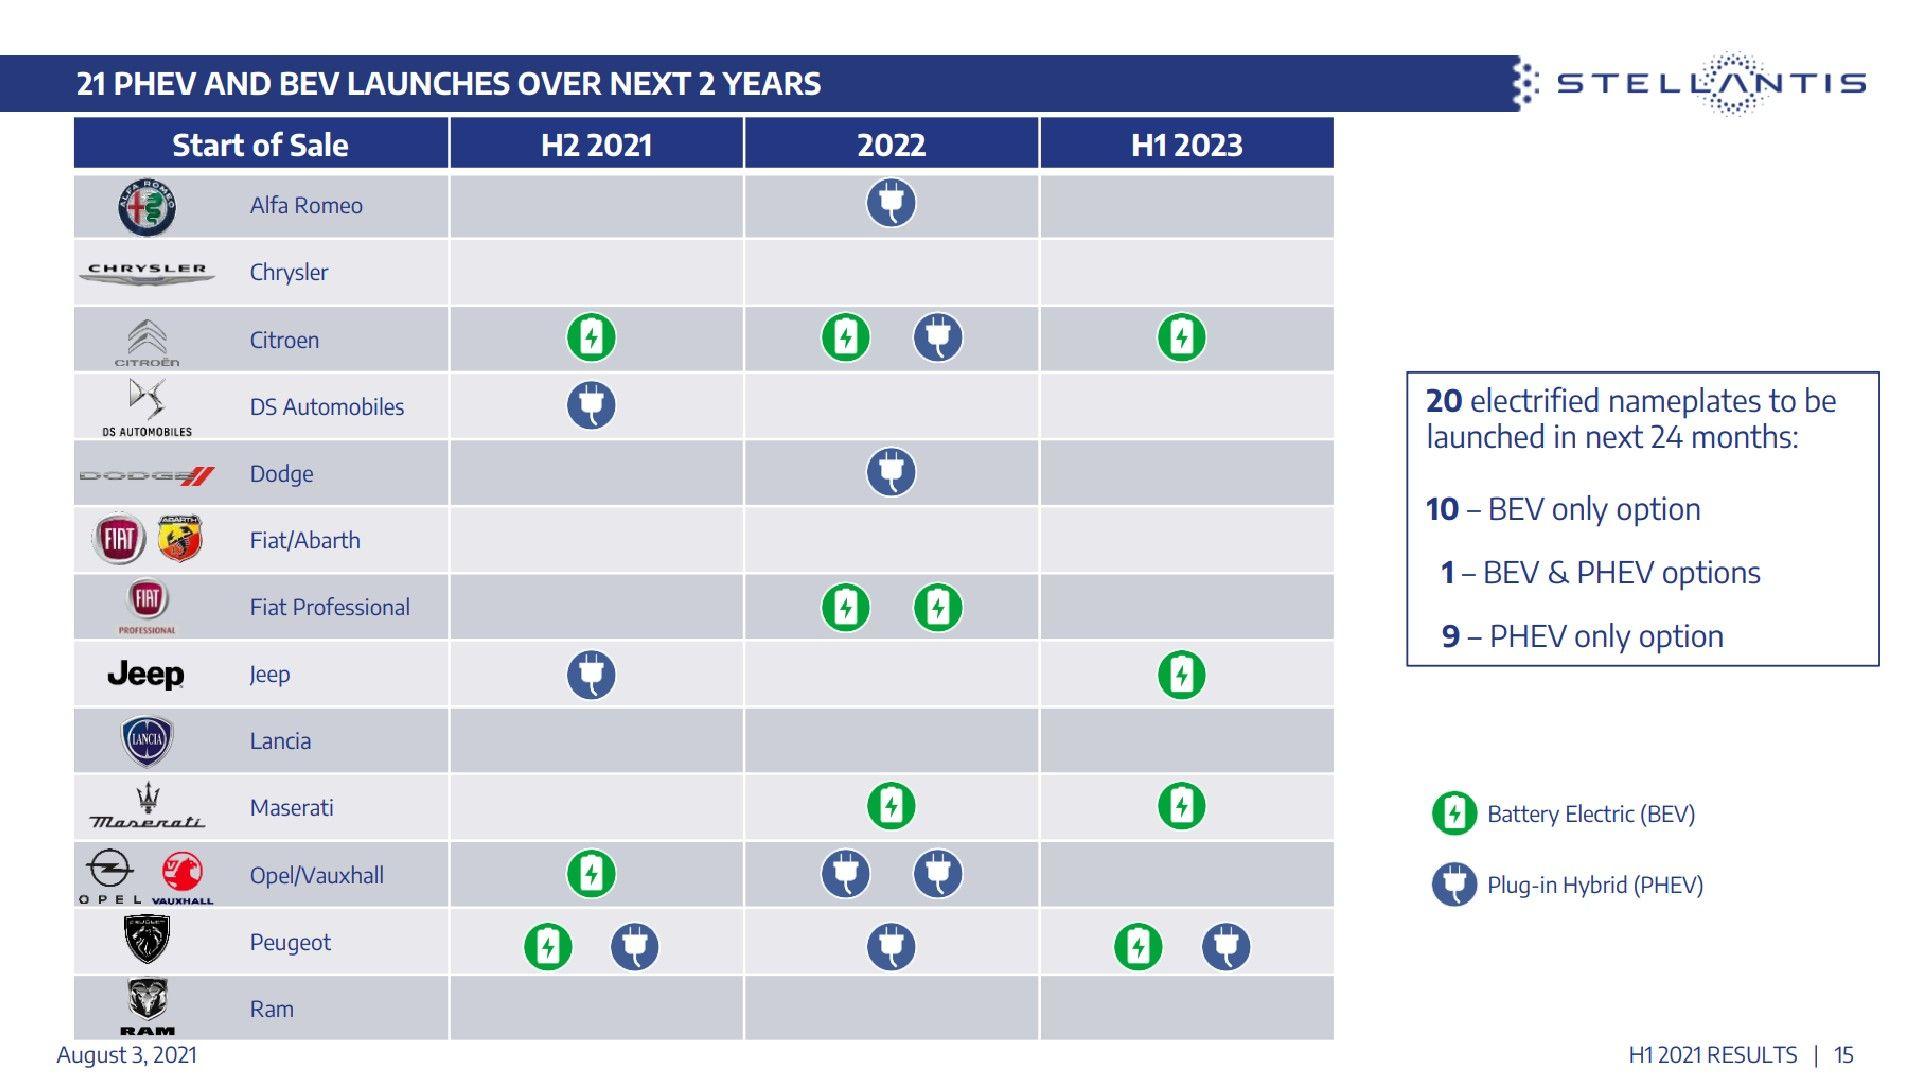 Apresentação da Stellantis para híbridos e elétricos até 2023